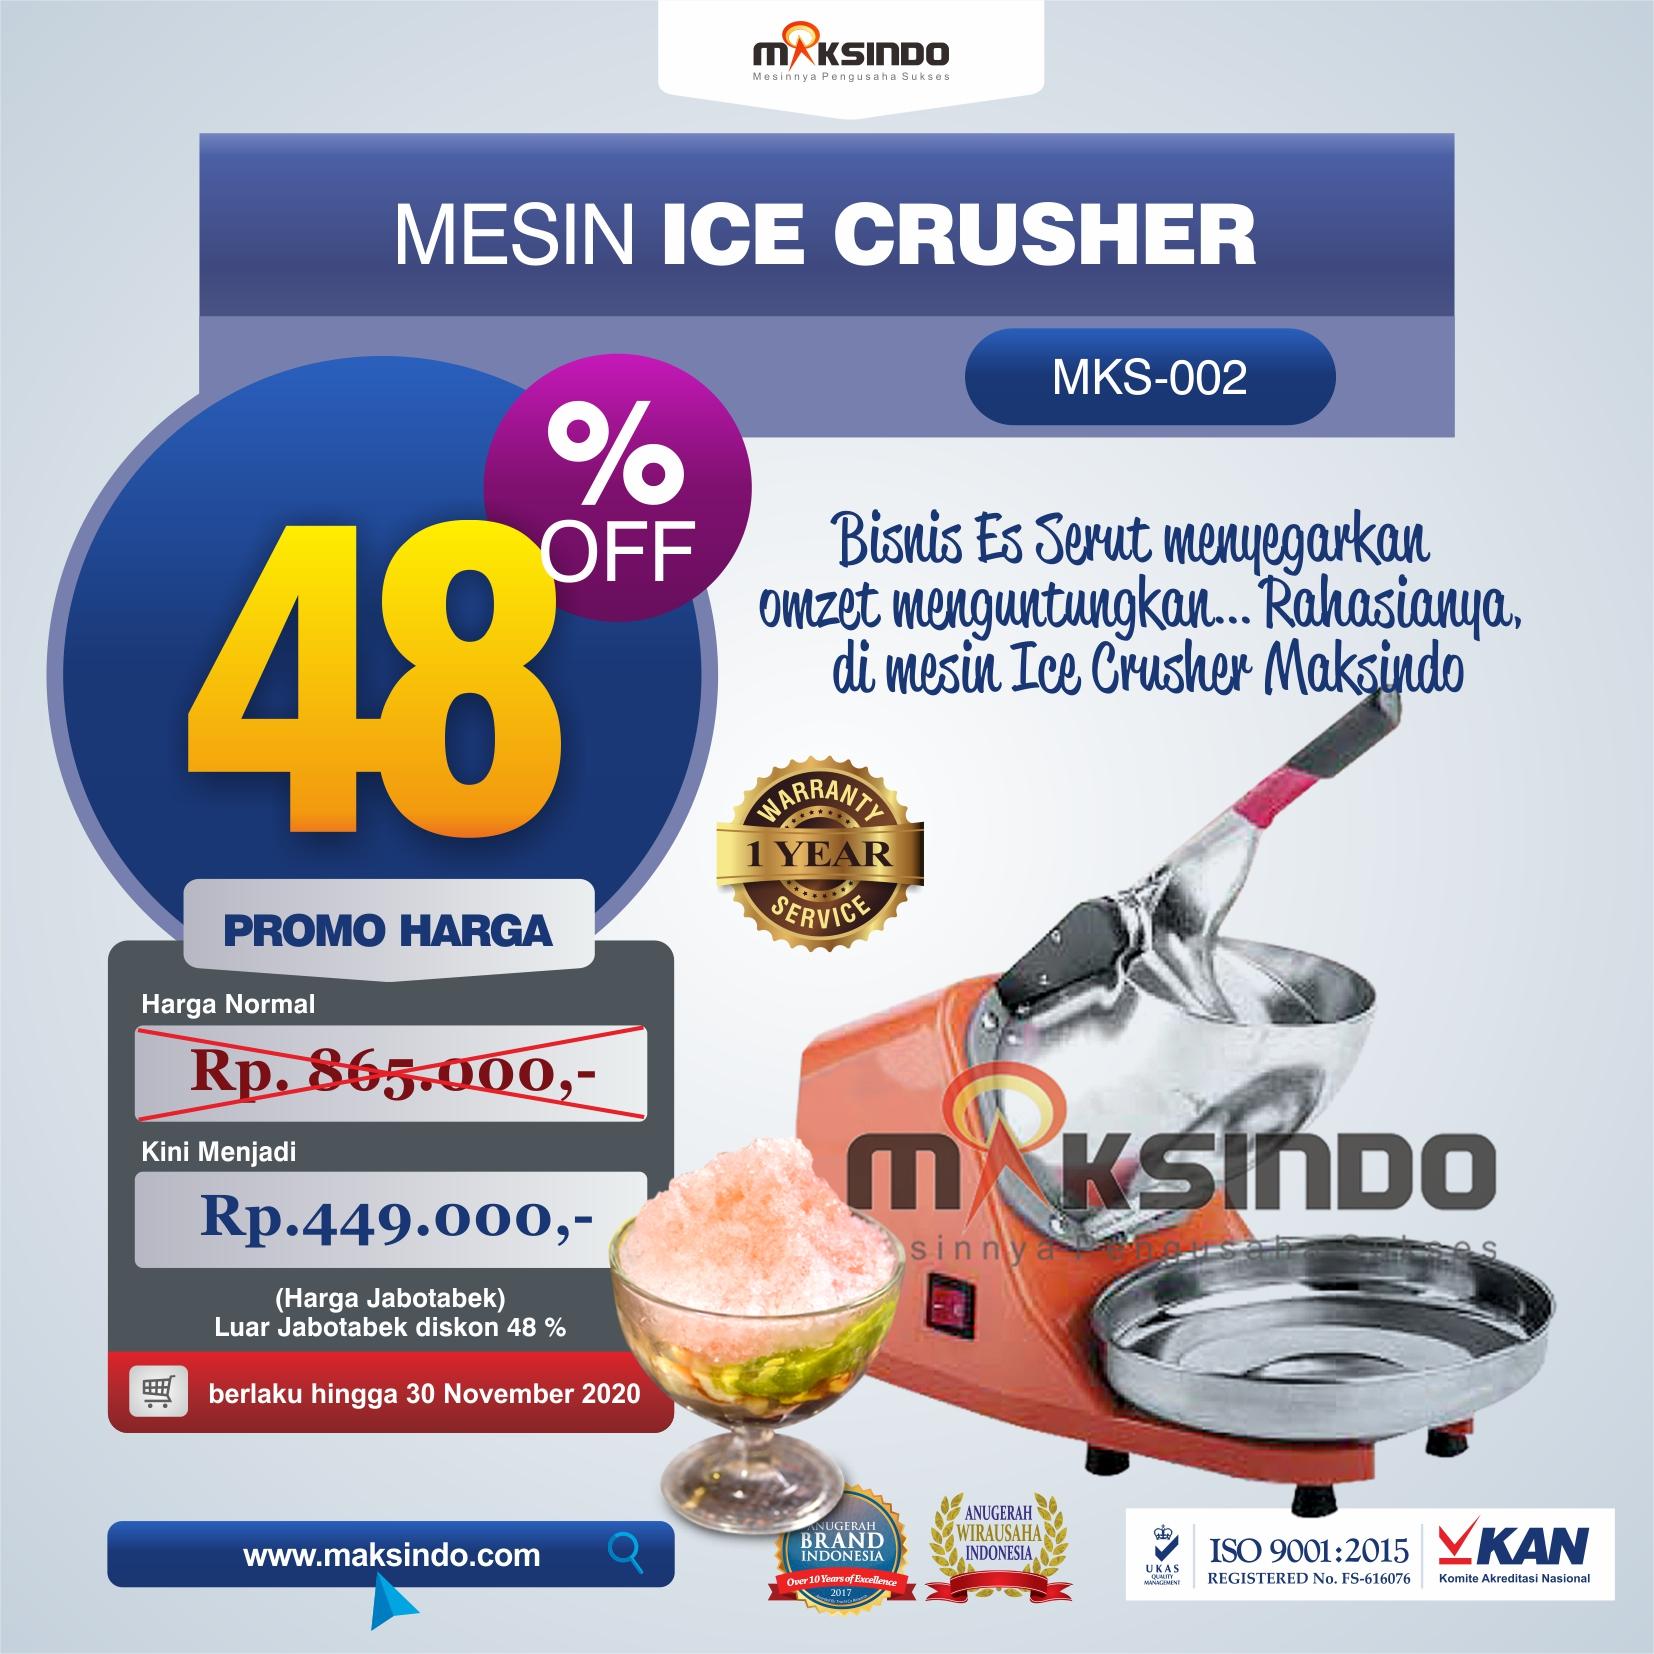 Jual Mesin Ice Crusher di Denpasar, Bali